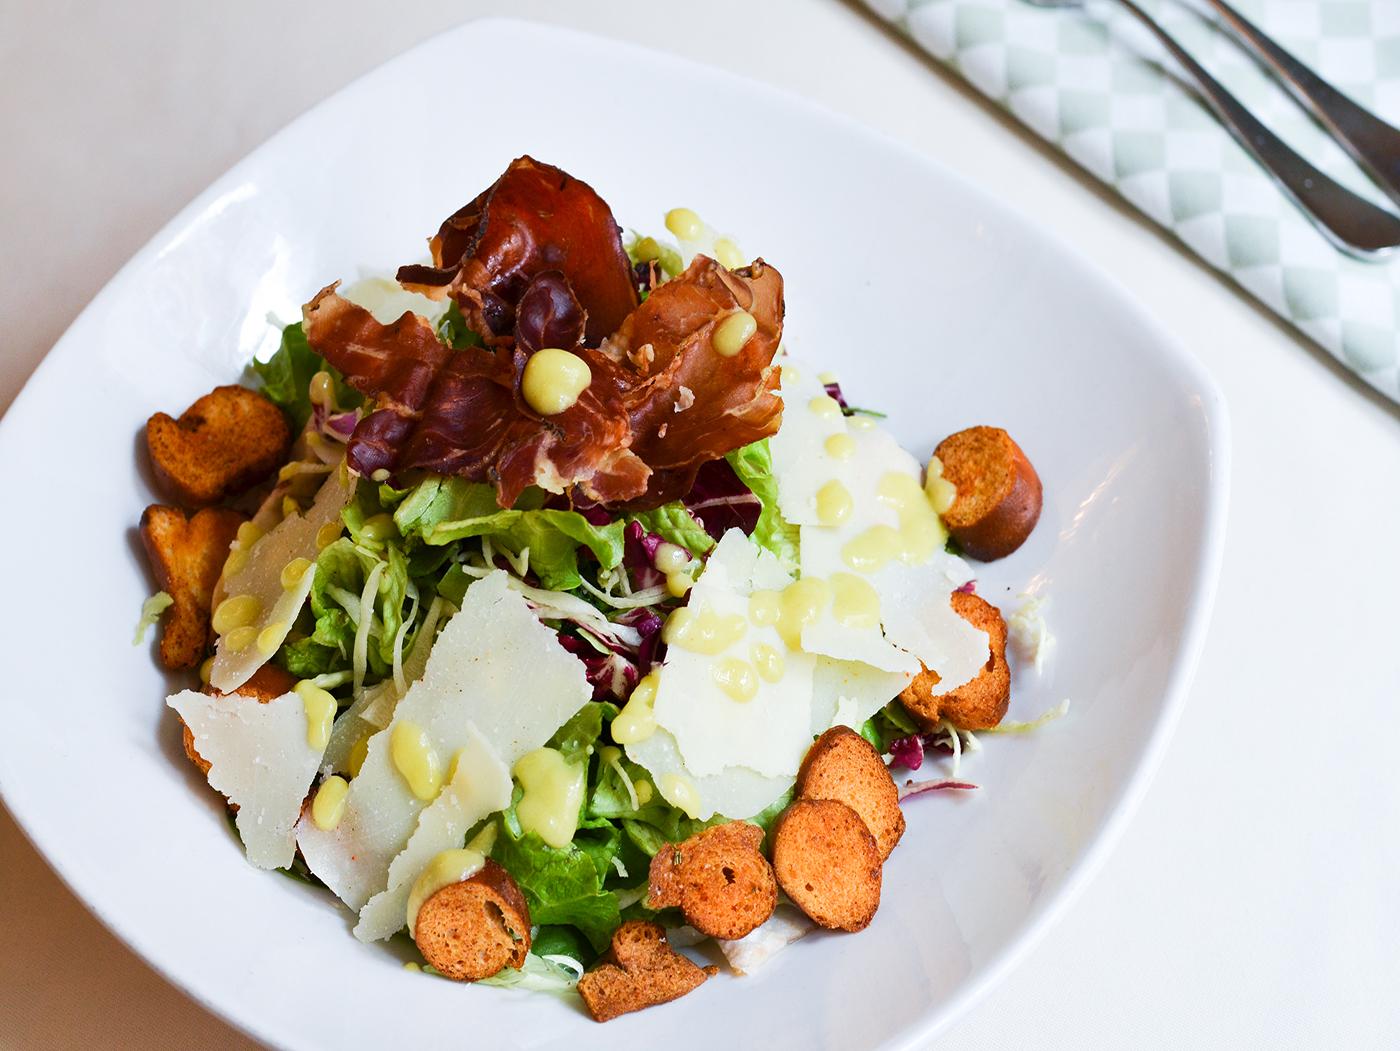 Nonesa salad